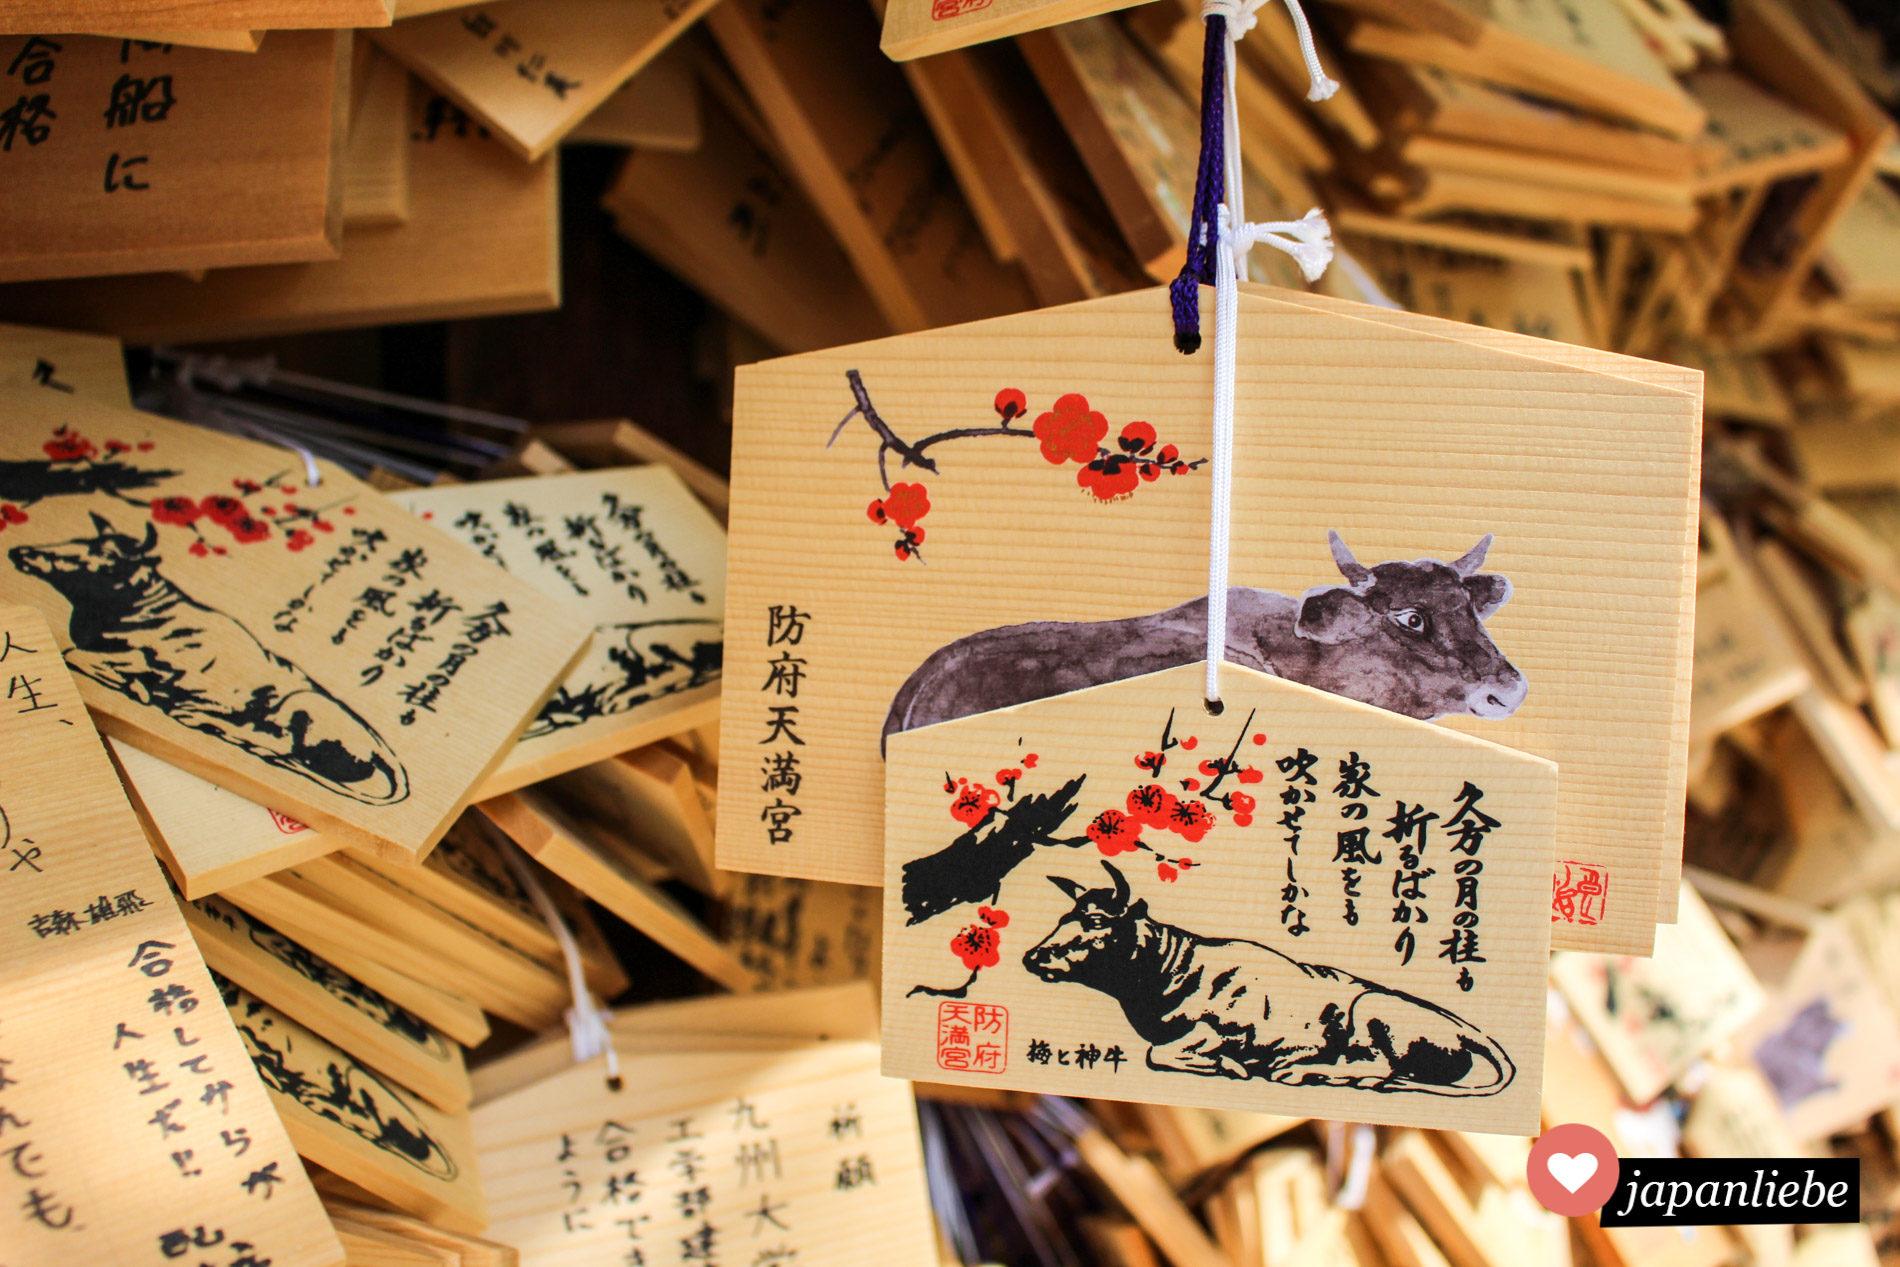 Auch die ema-Wunschtafeln am Tenman-gu Schrein in Hōfu zieren natürlich ein Ochse.